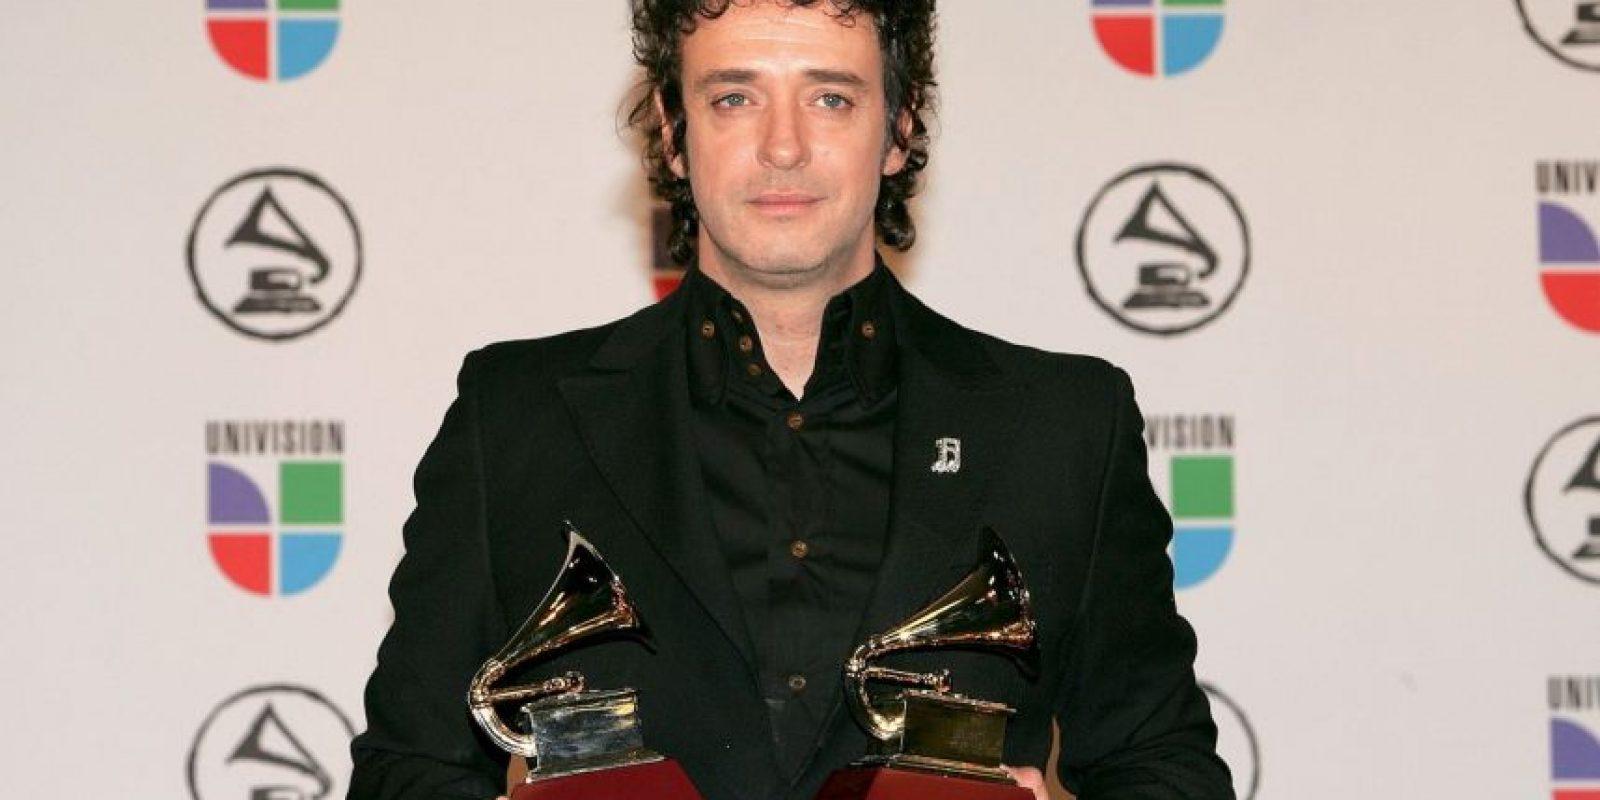 El difunto Gustavo Cerati ganó seis premios de este tipo en su carrera Foto:Getty